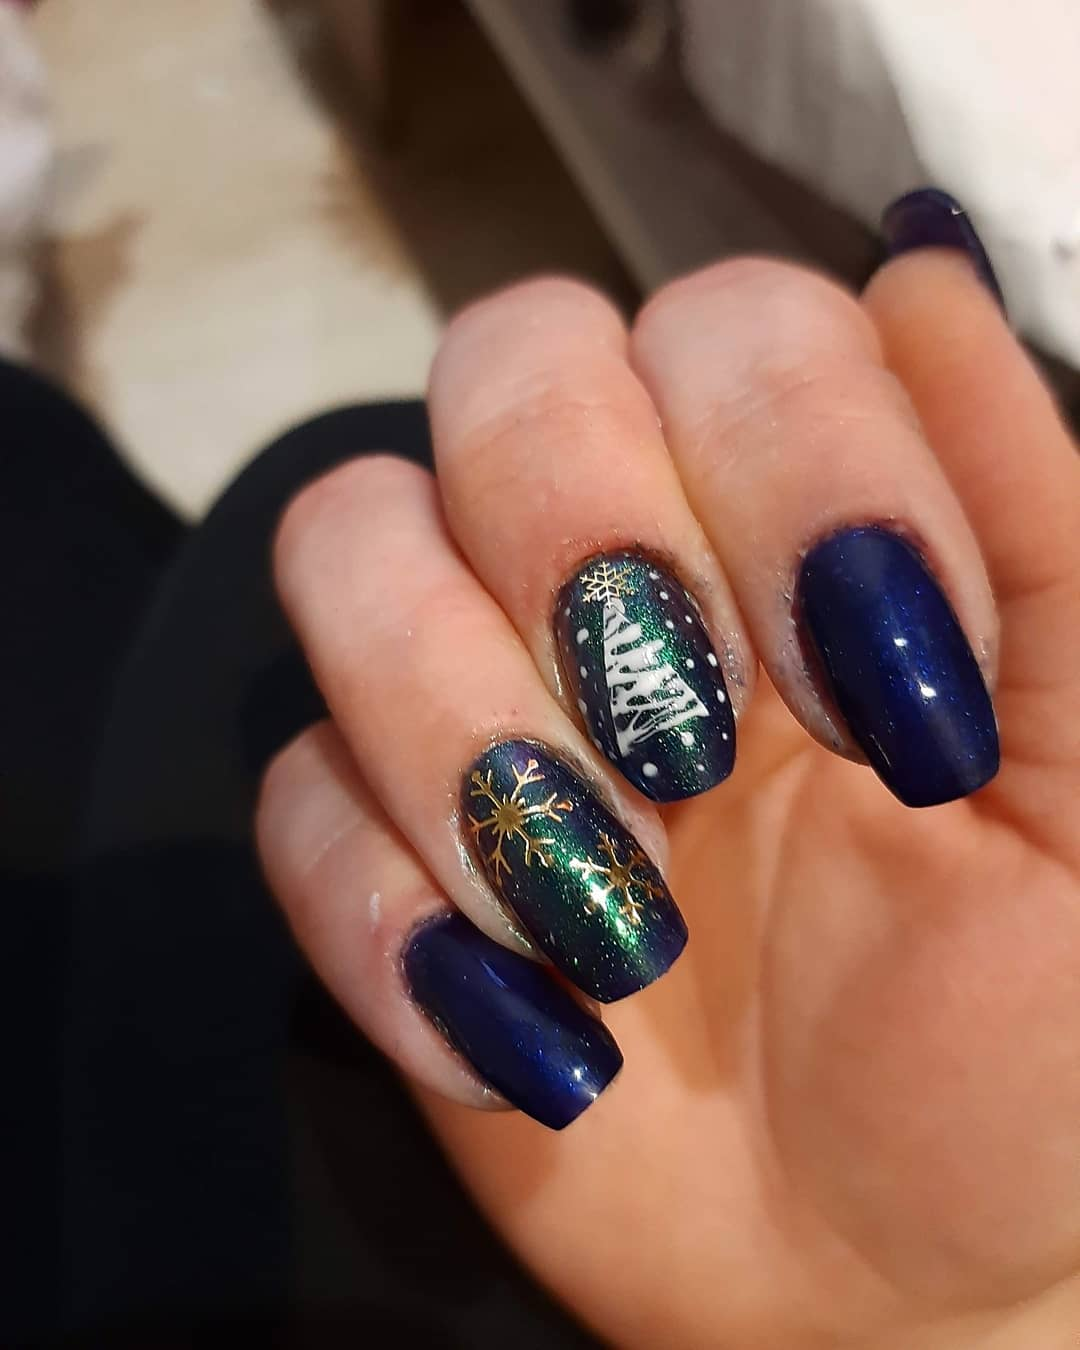 Acrylic Christmas nail design